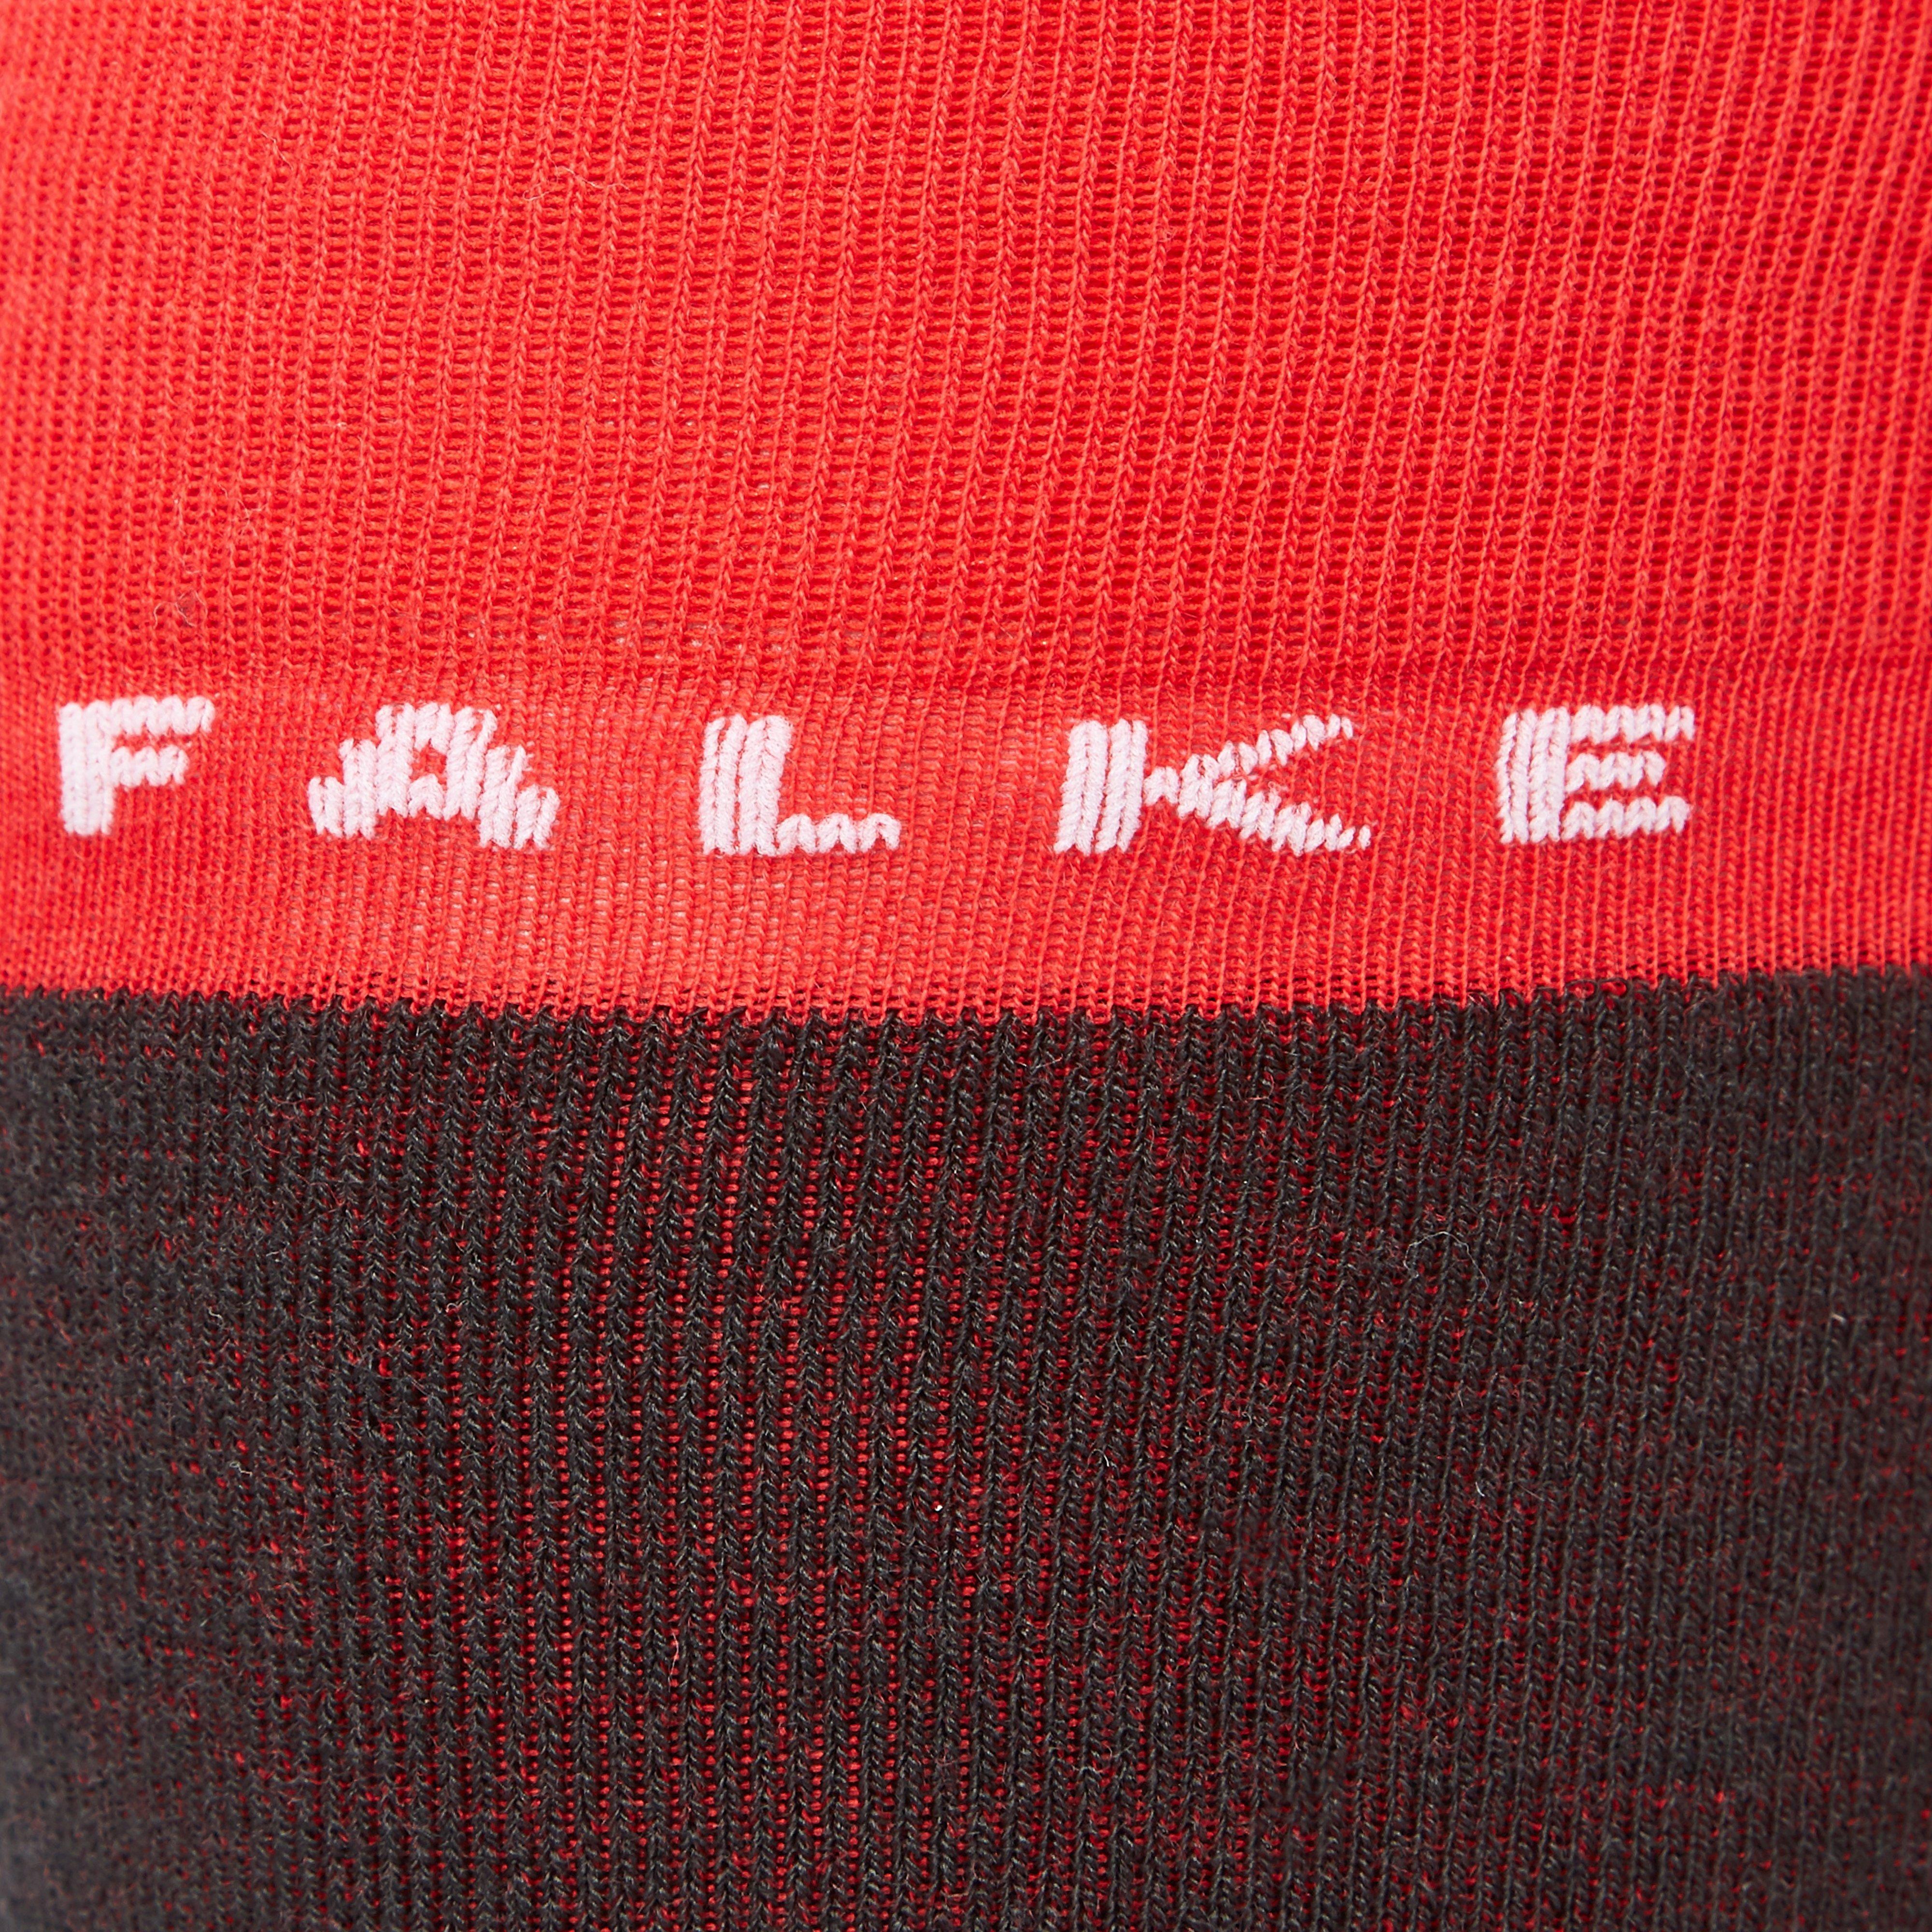 FALKE SK4 SKISOKKEN ROOD/ZWART HEREN